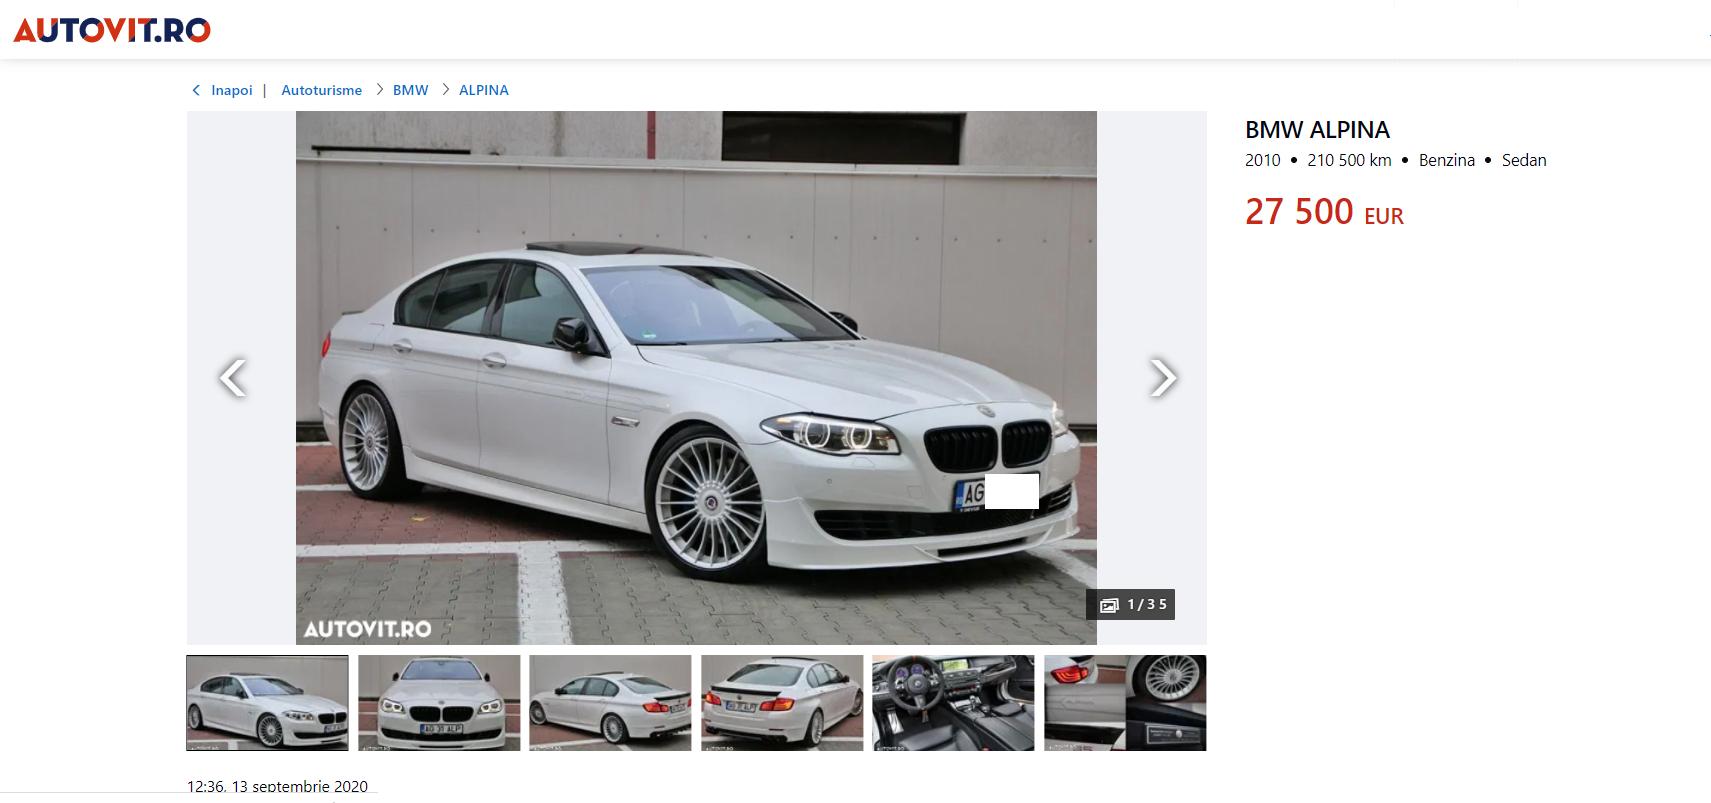 Alpina este o companie auto din Bavaria, care dezvoltă și vinde versiuni de înaltă performanță ale autoturismelor BMW. Alpina lucrează îndeaproape cu BMW, iar procesele lor sunt integrate în liniile de producție ale BMW